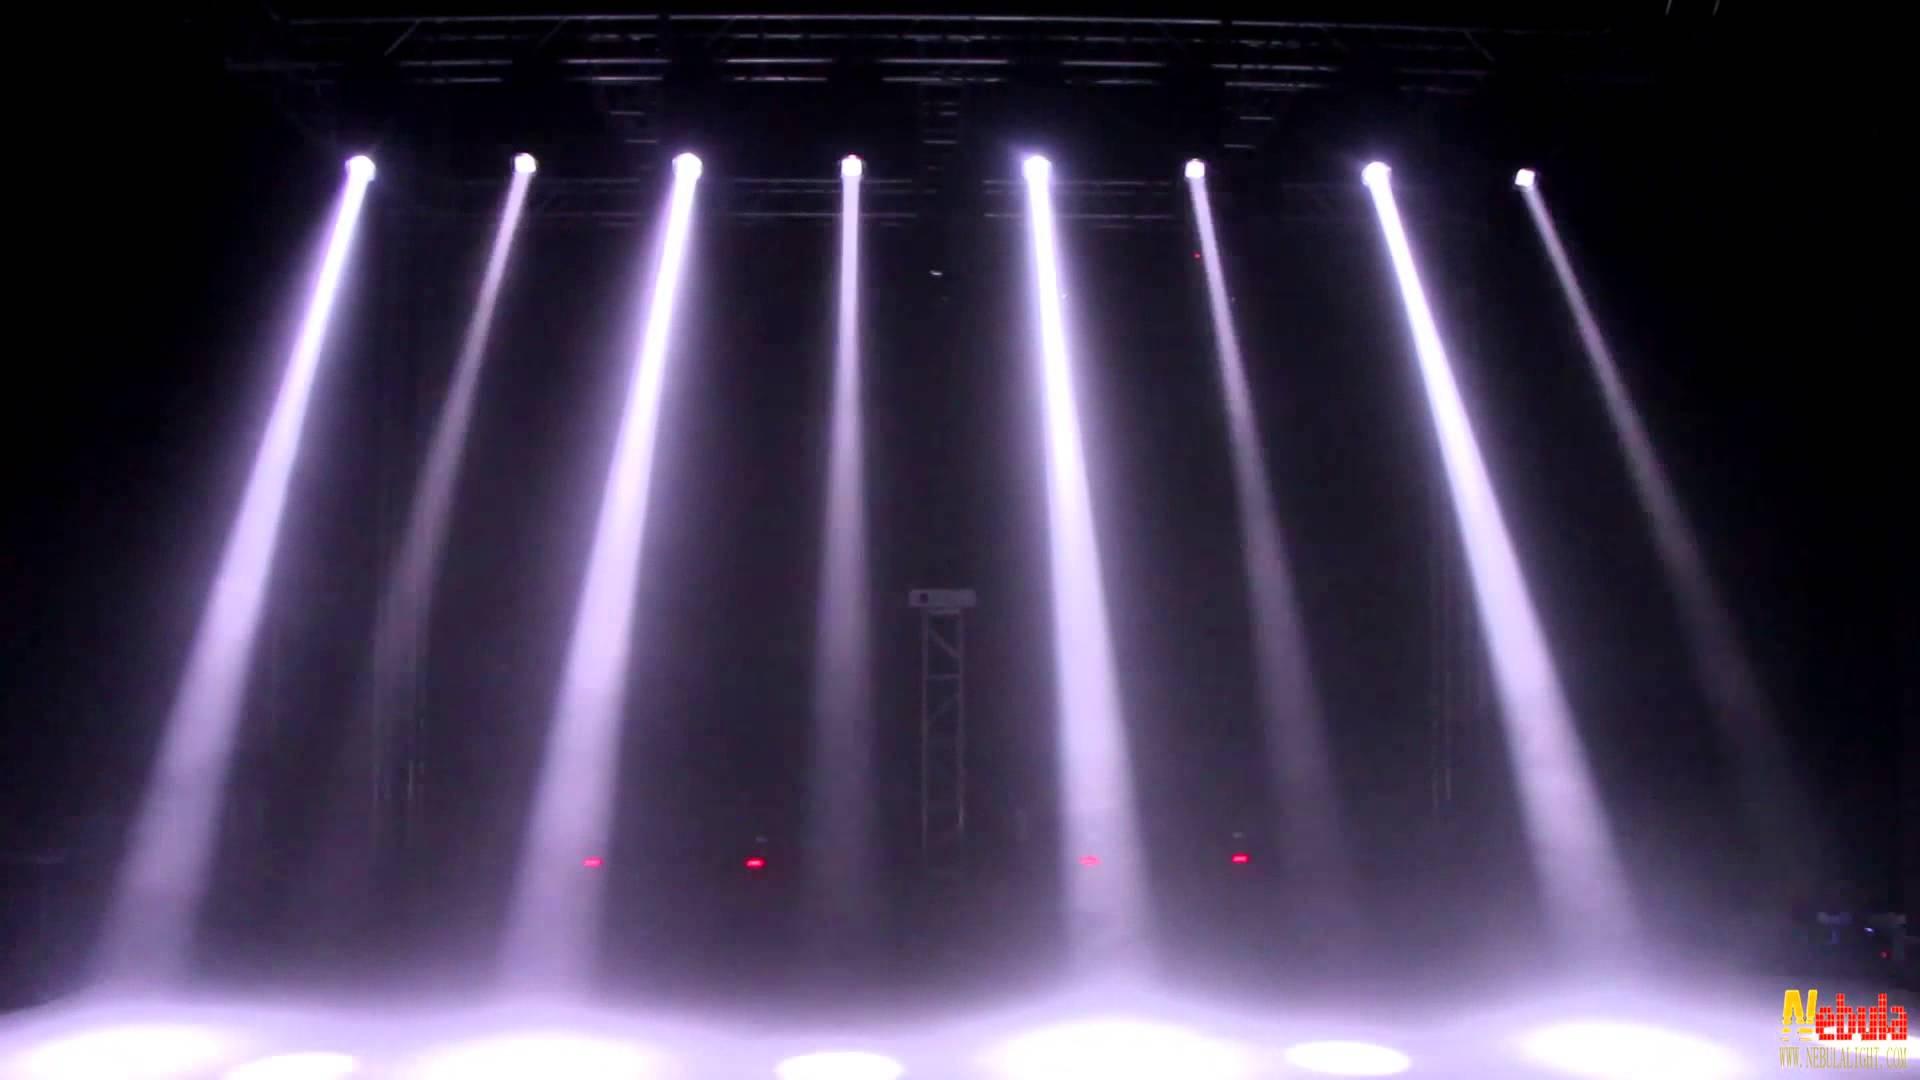 Stage Lighting Explained Shock Awe